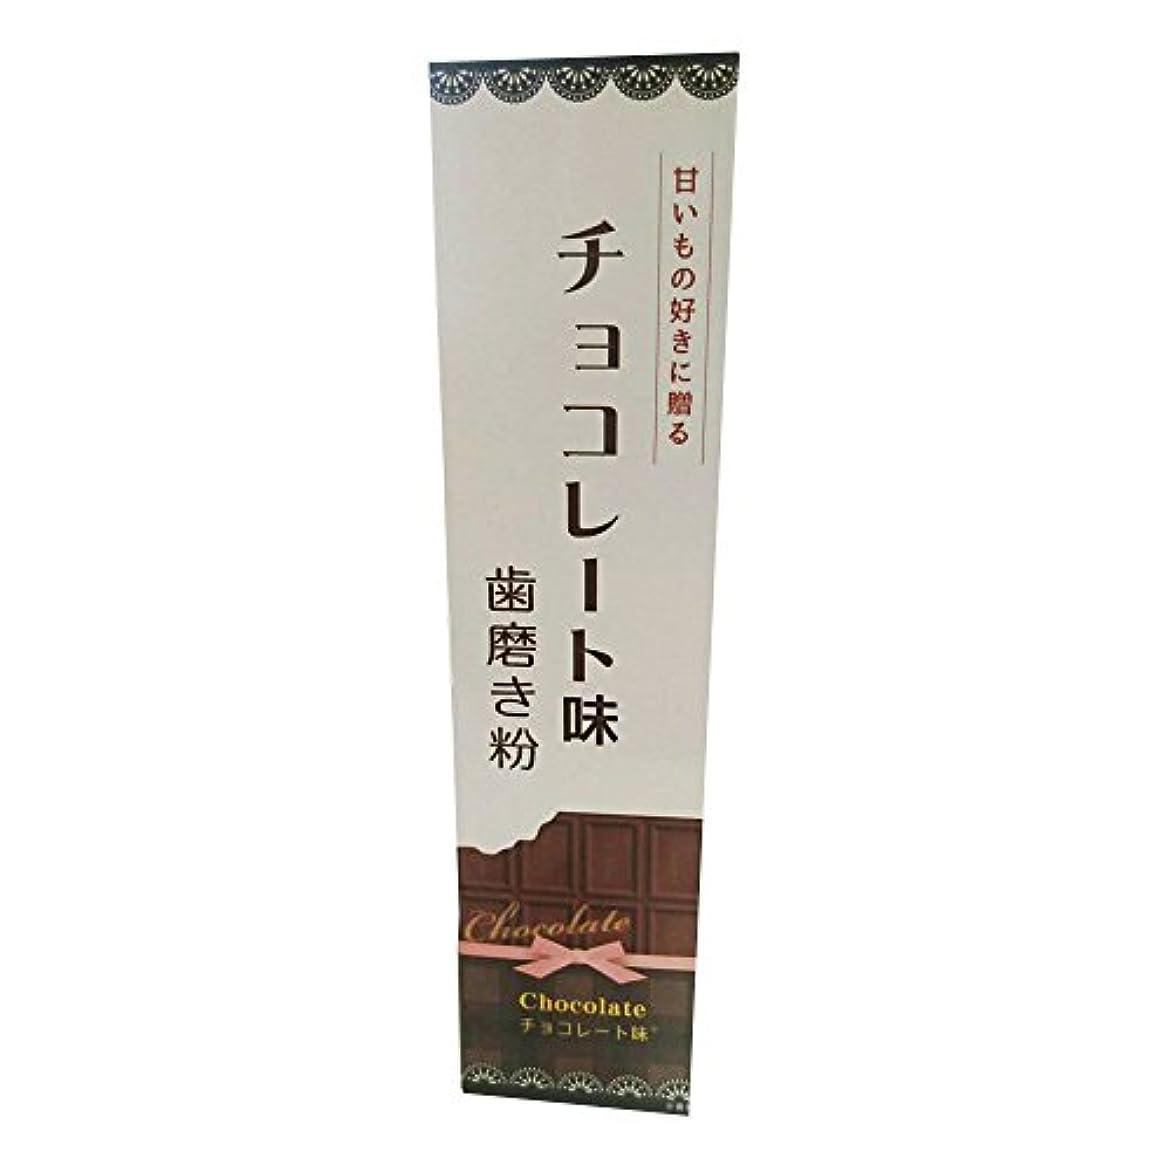 観察する勝利した店主フレーバー歯磨き粉チョコレート味 70g